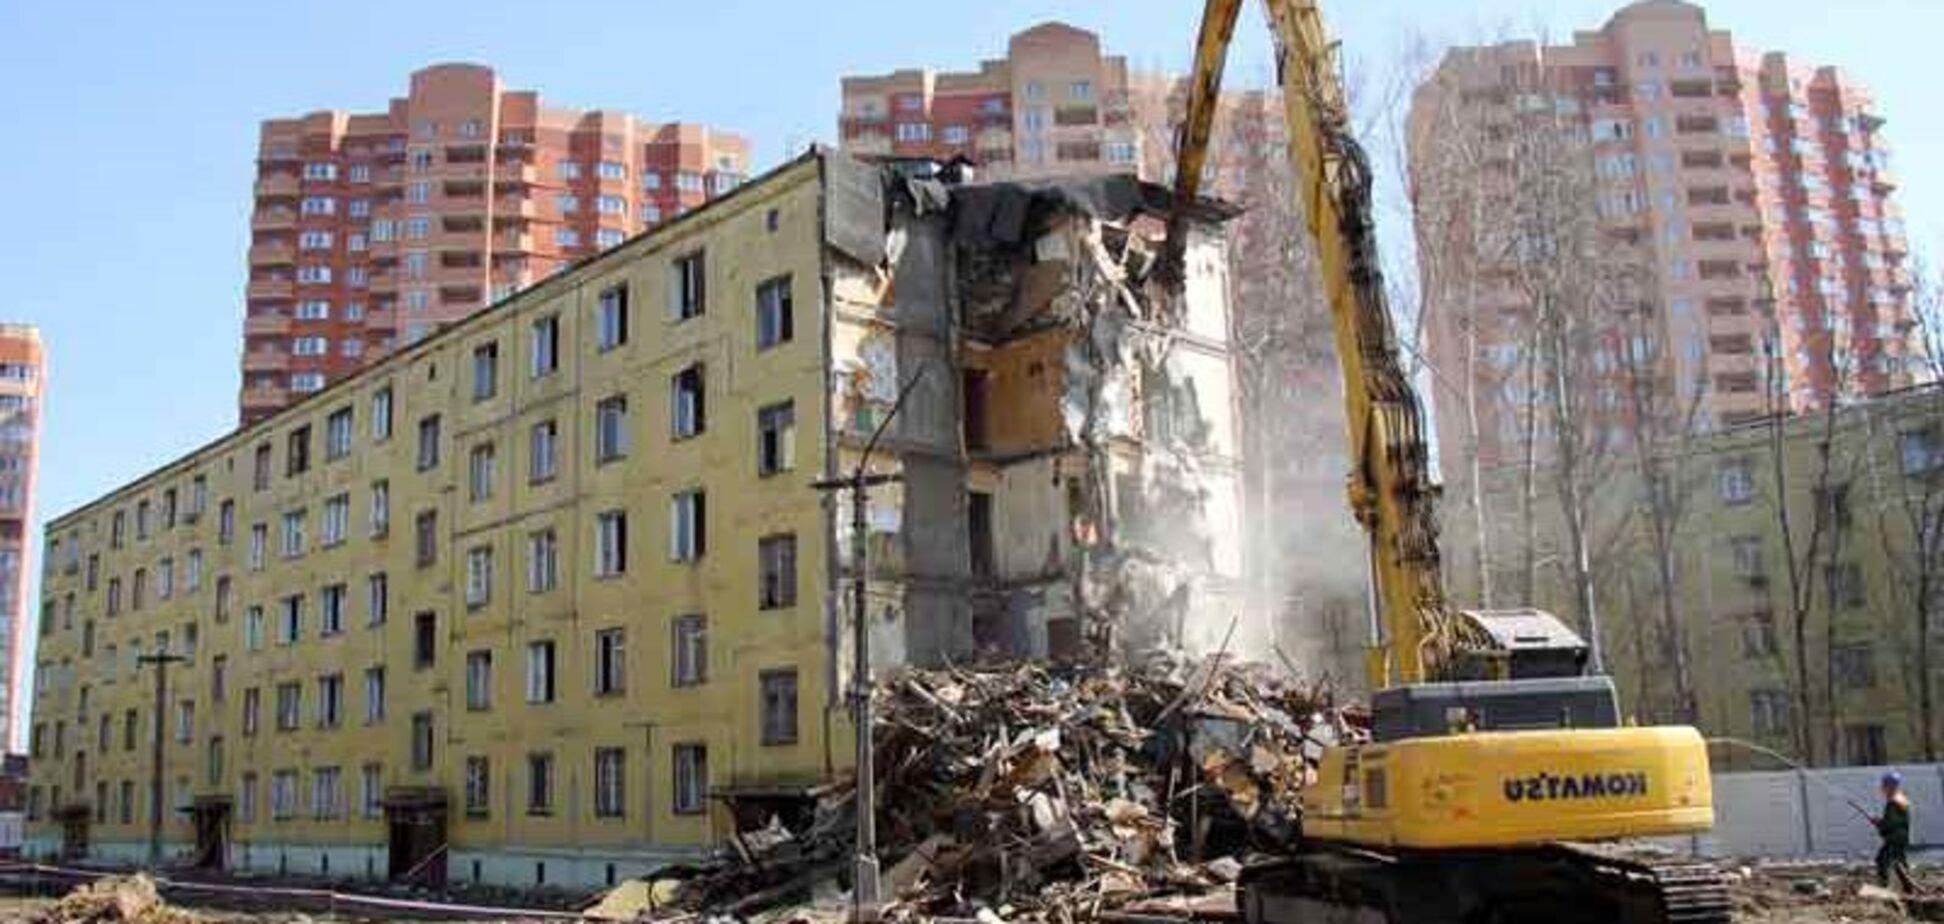 Знесення 'хрущовок' в Україні: названі причини, чому це на межі фантастики